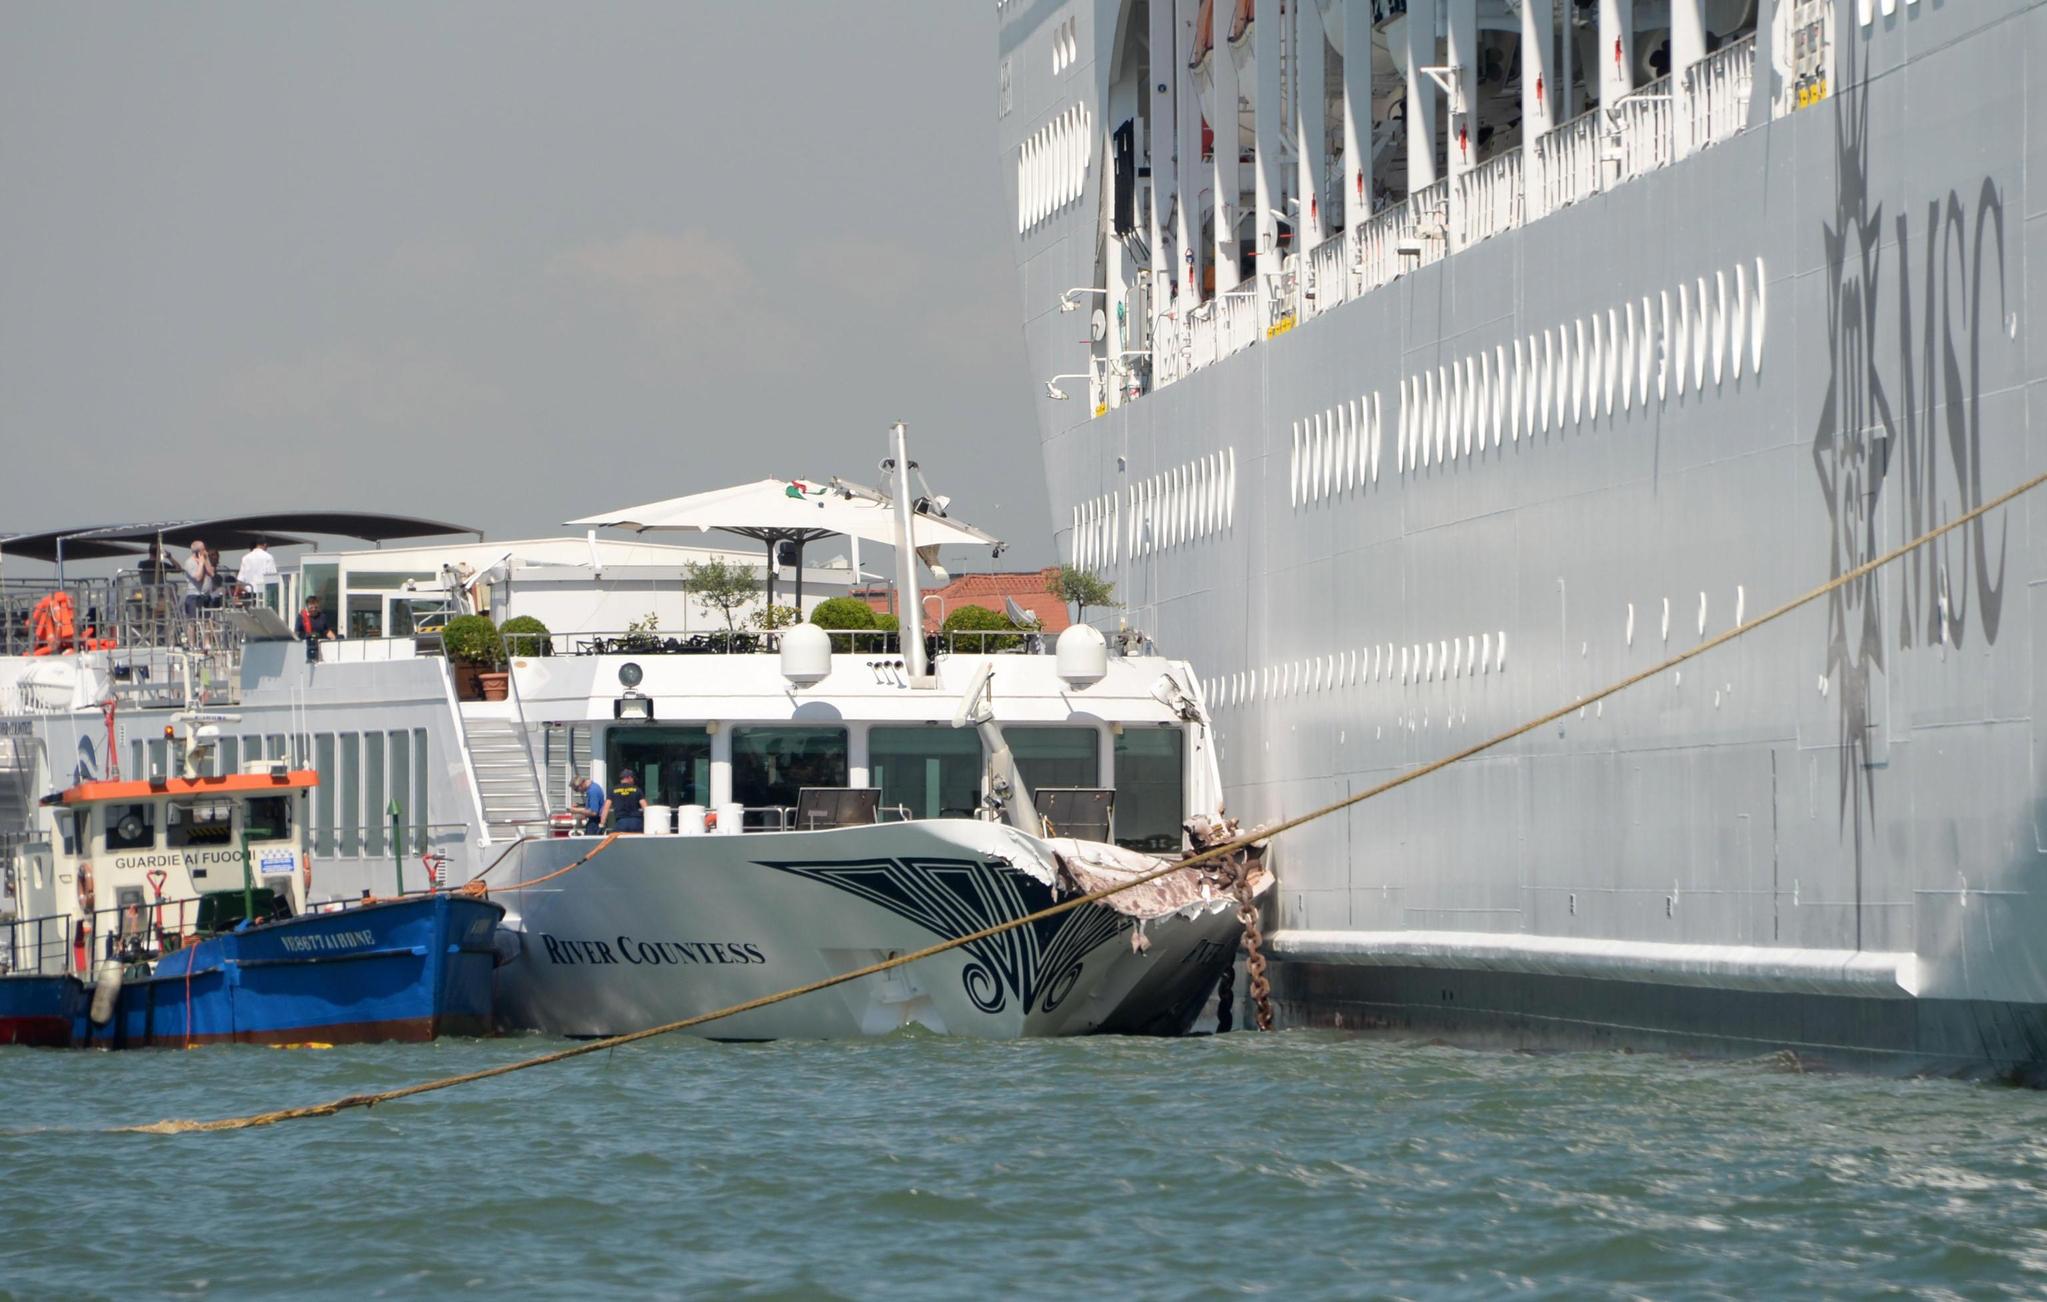 2일(현지시간) 이탈리아 베네치아에서 대형 크루즈 유람선이 정박해 있던 소형 유람선과 선착장을 추돌하는 사고가 발생했다. [EPA=연합뉴스]